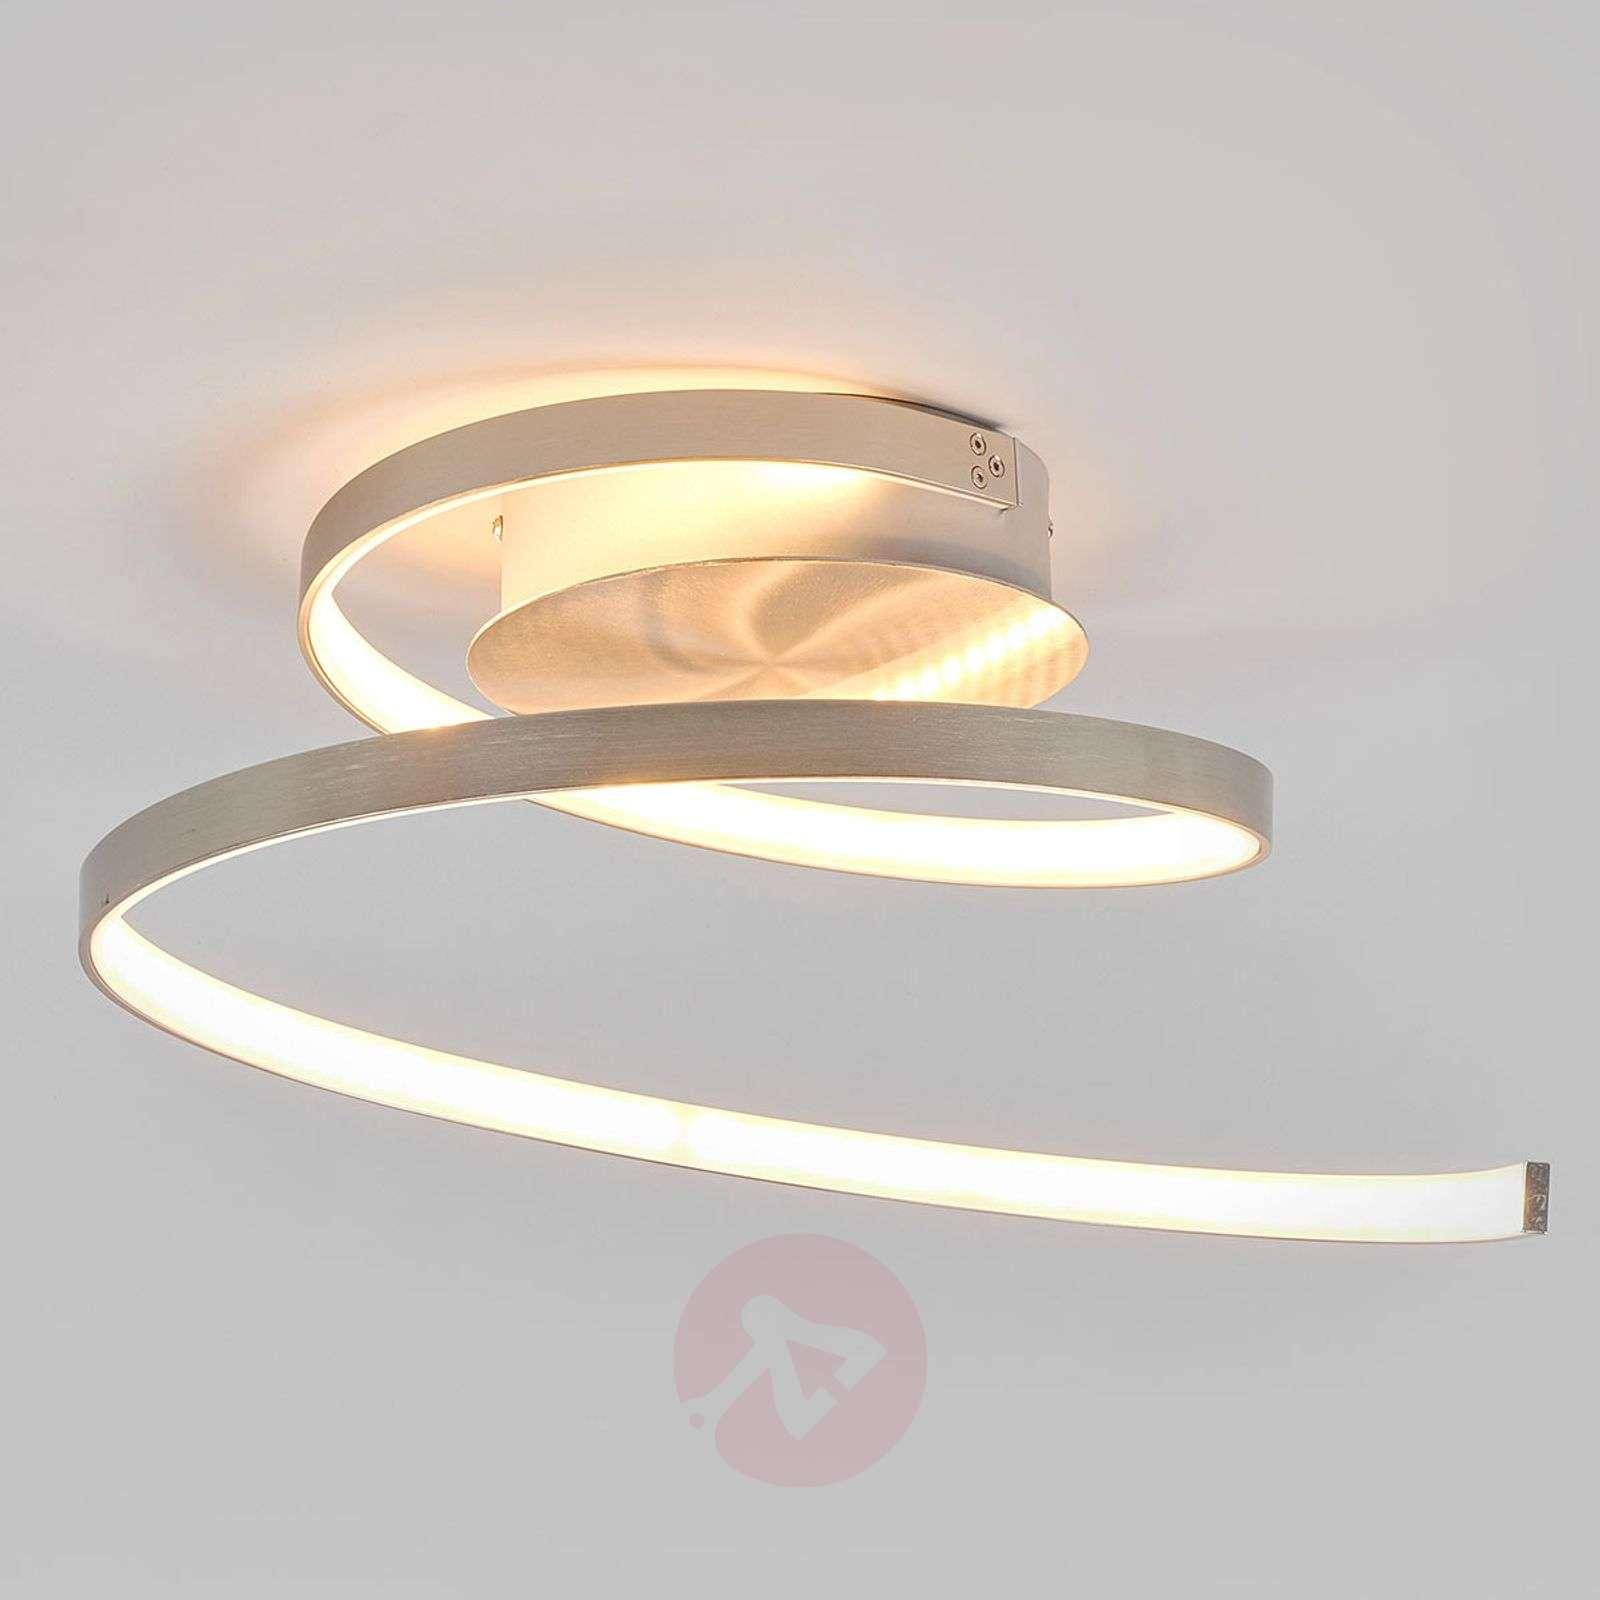 Dynaaminen LED-kattovalaisin Junus-9985037-01